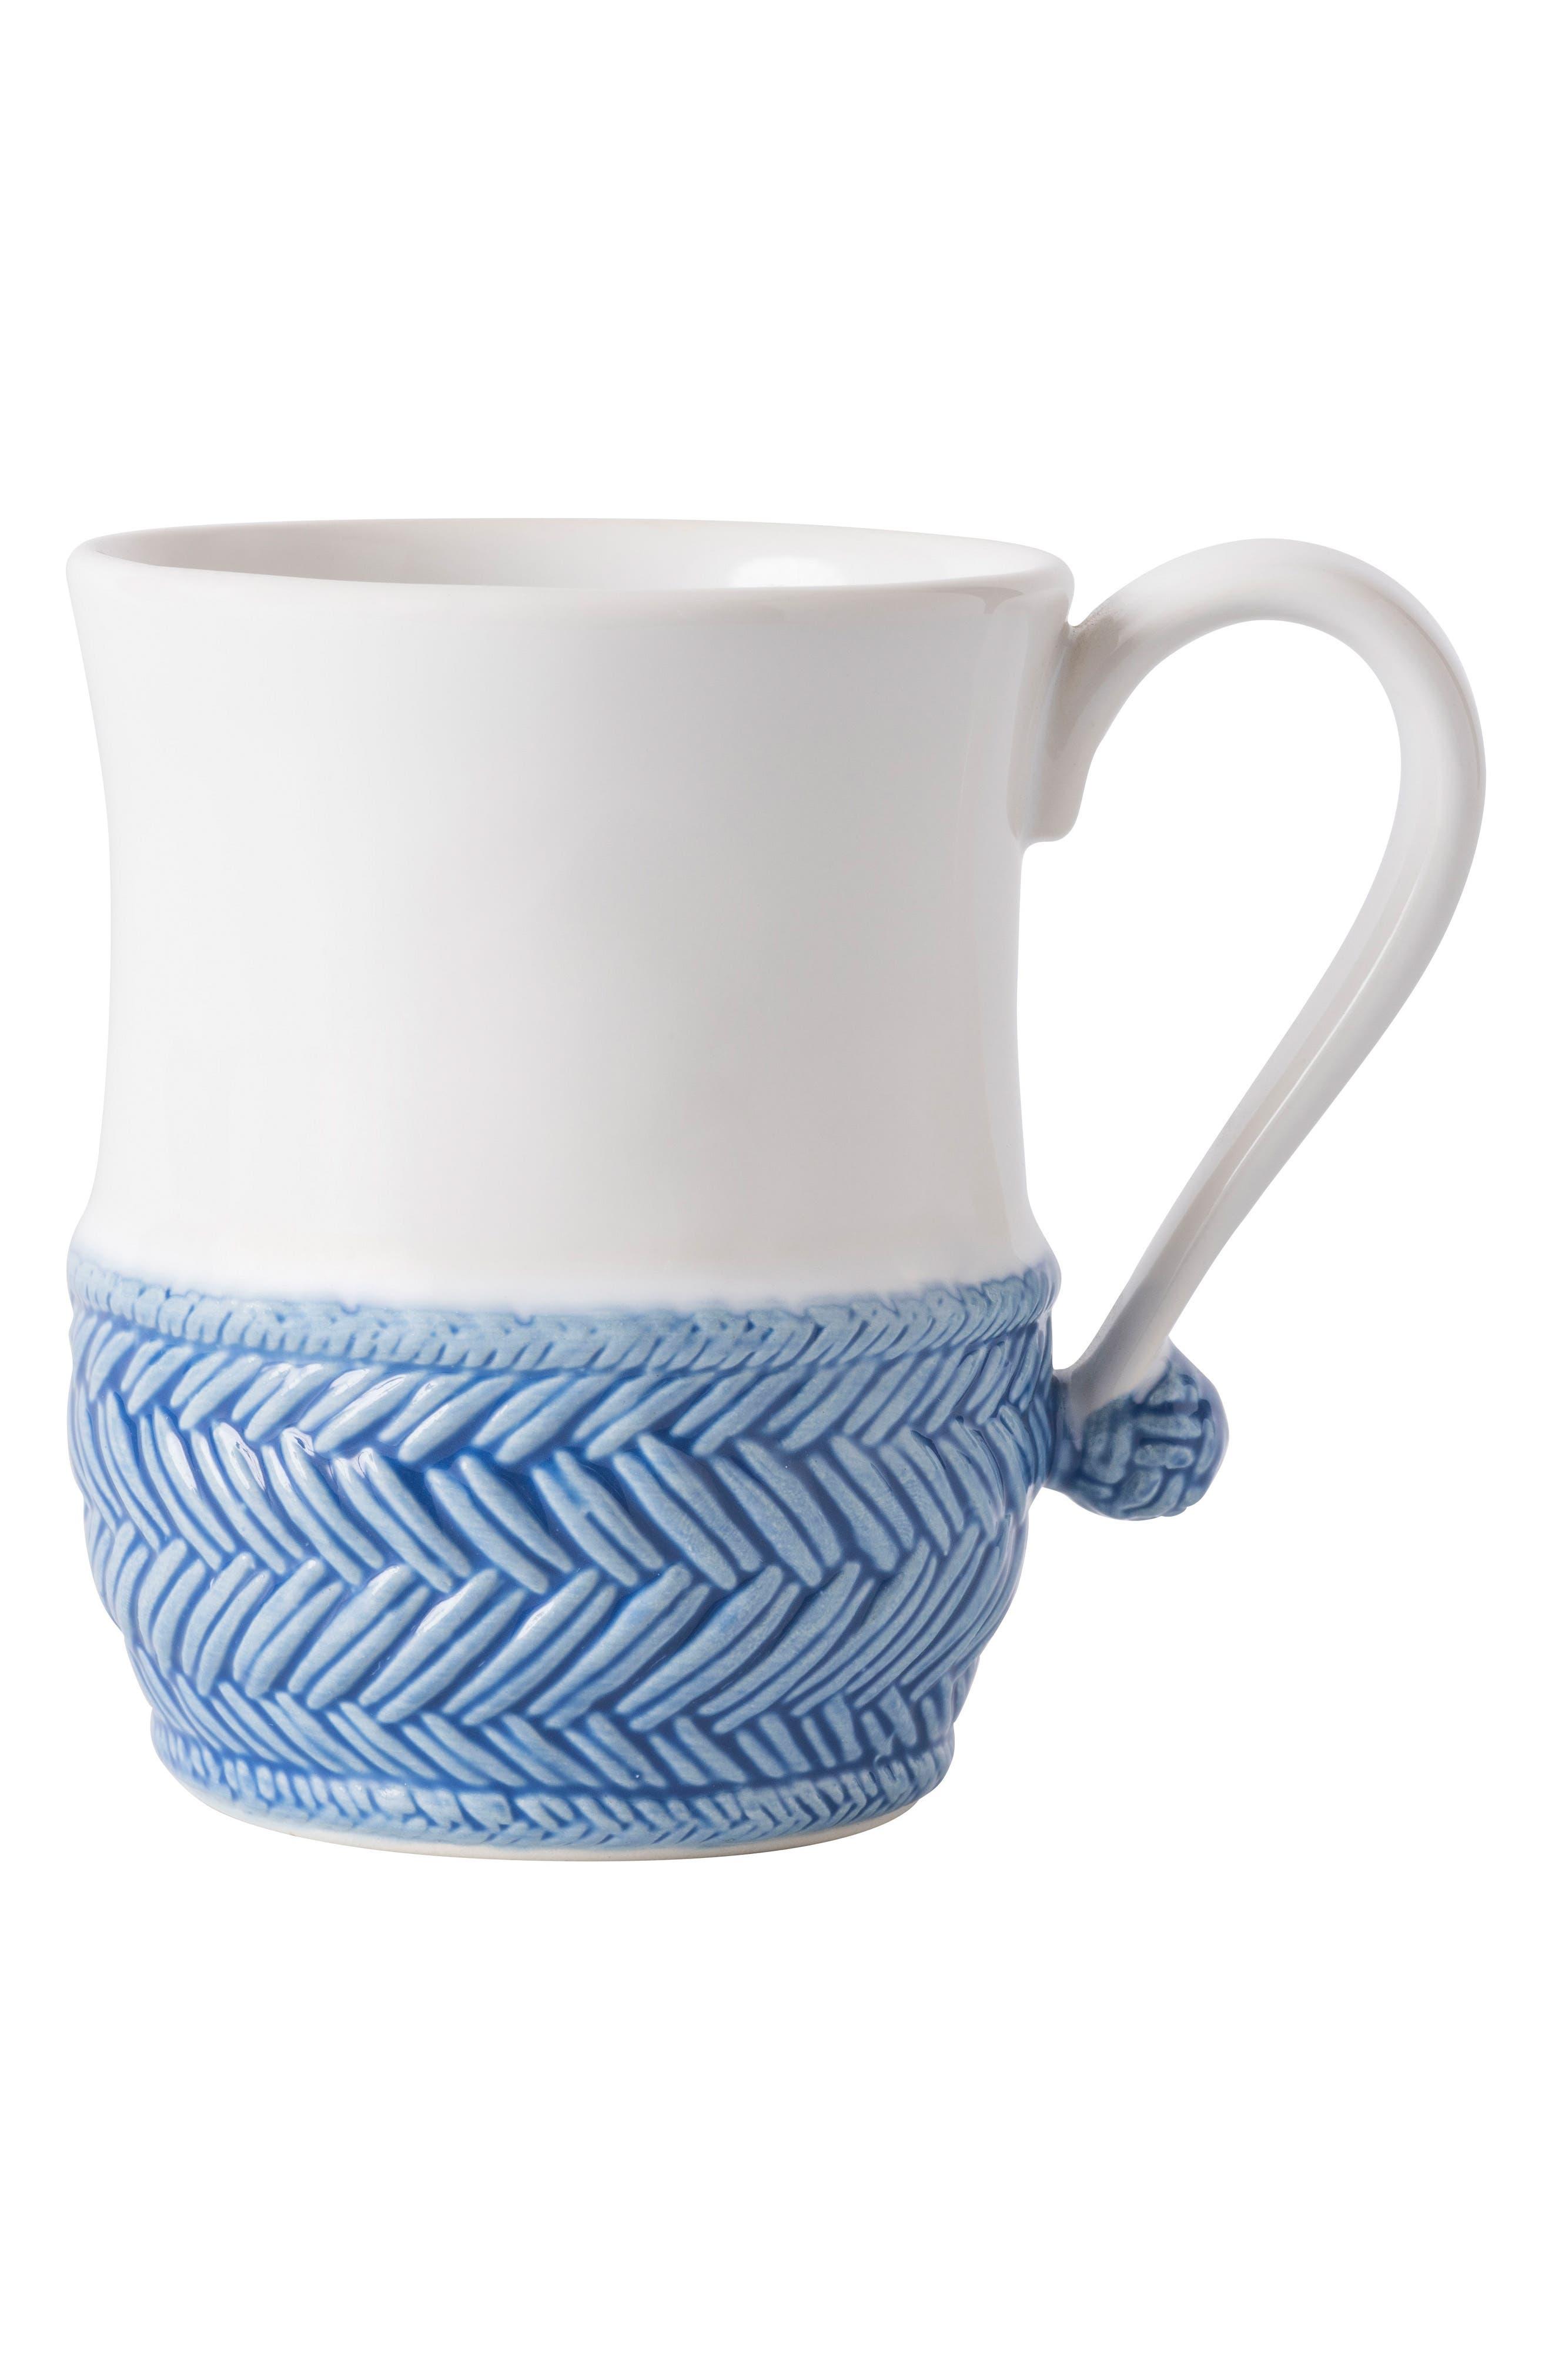 Main Image - Juliska Le Panier Mug